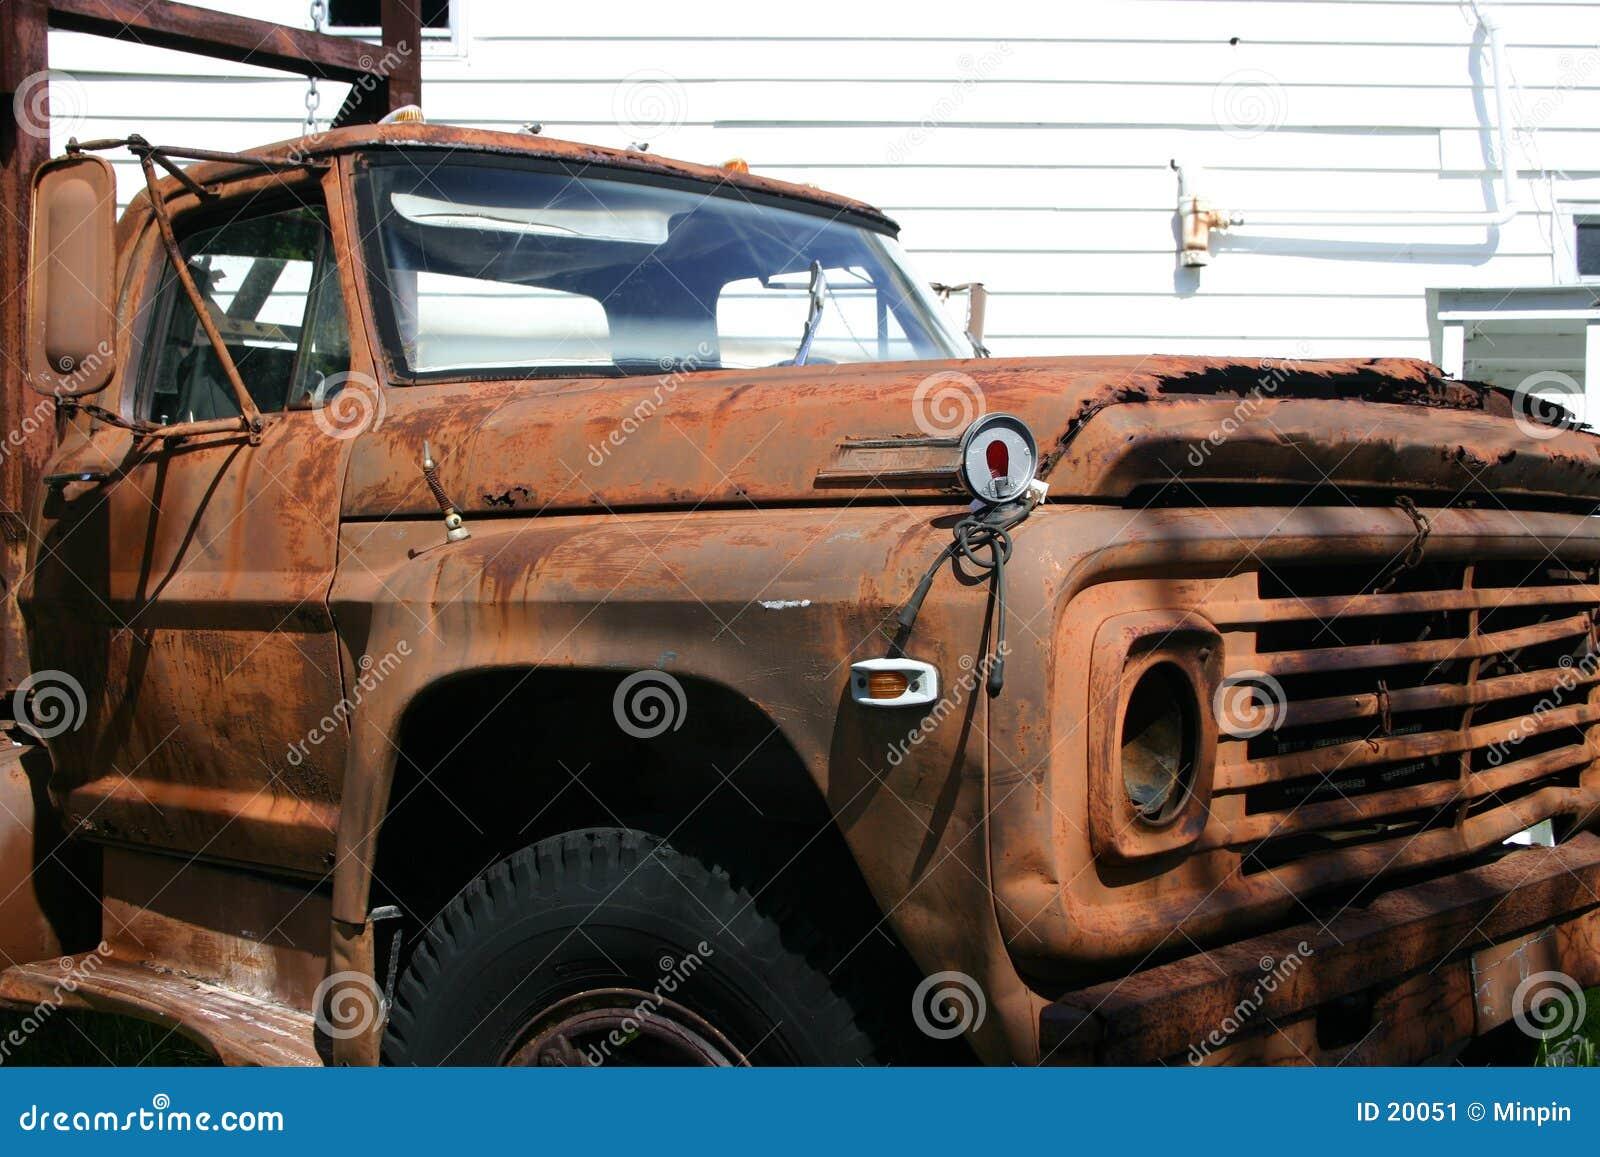 Rostiges altes Truck2